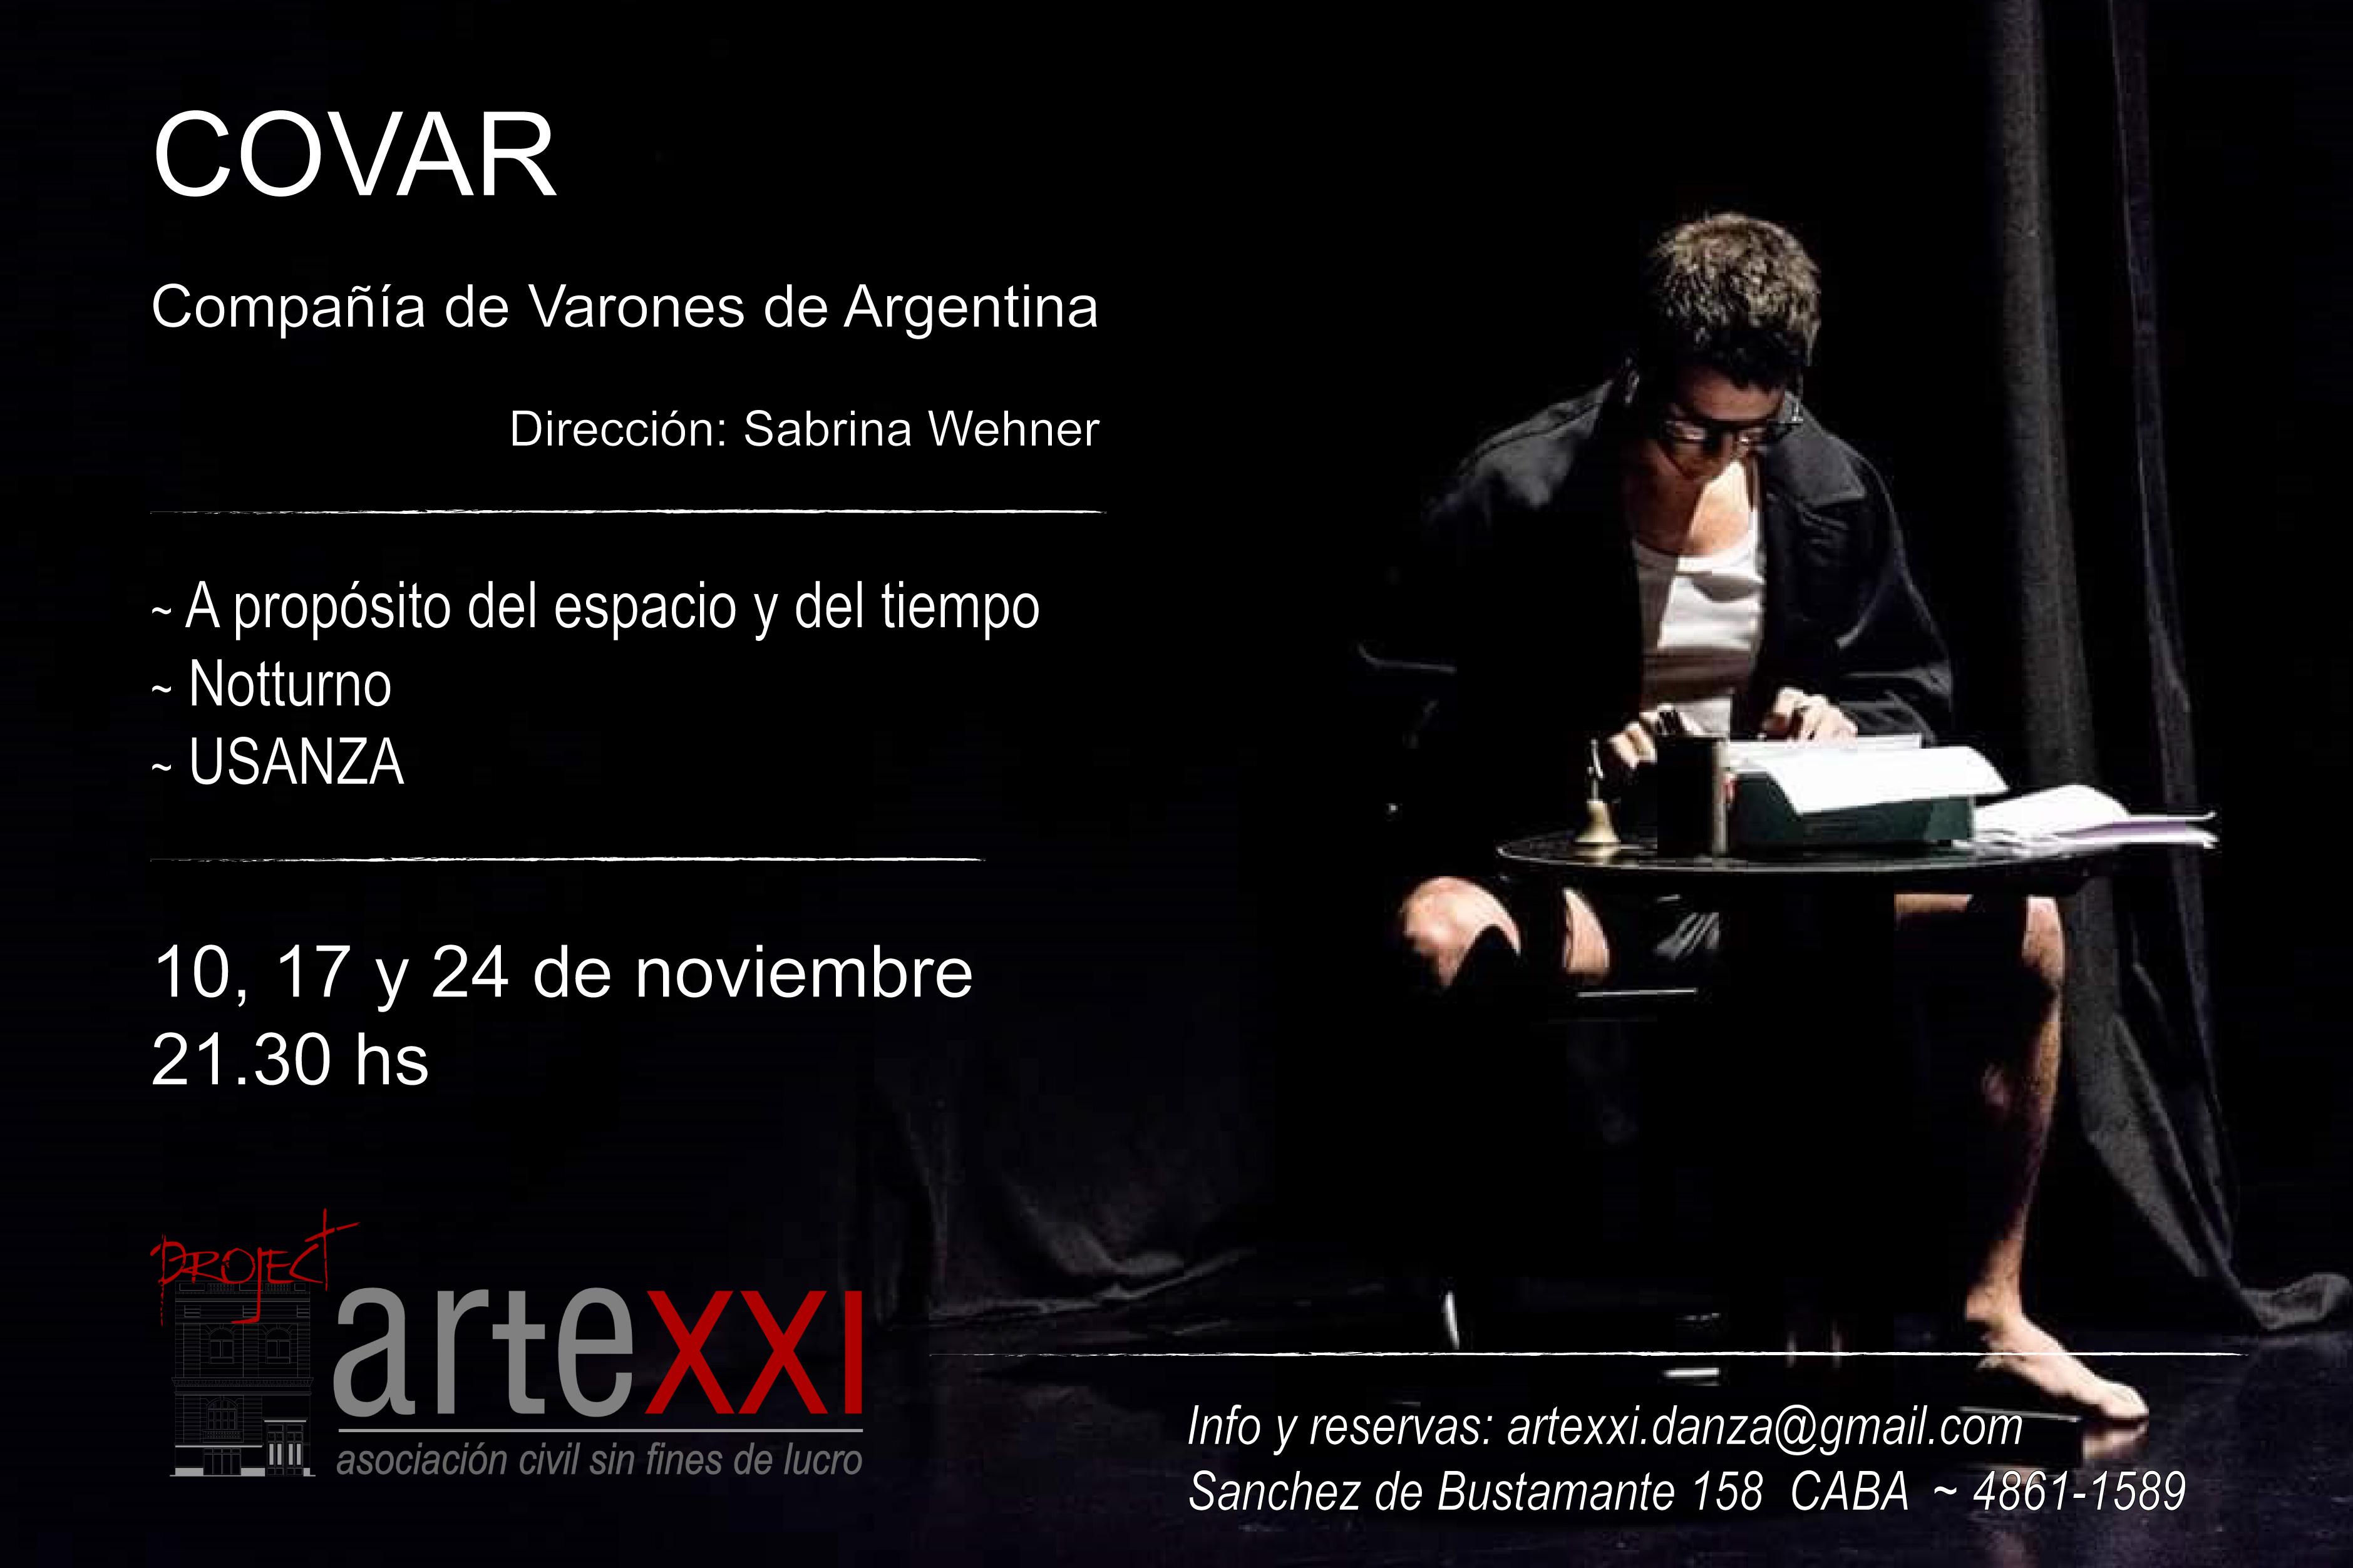 COVAR (Compañía de Varones de Argentina)